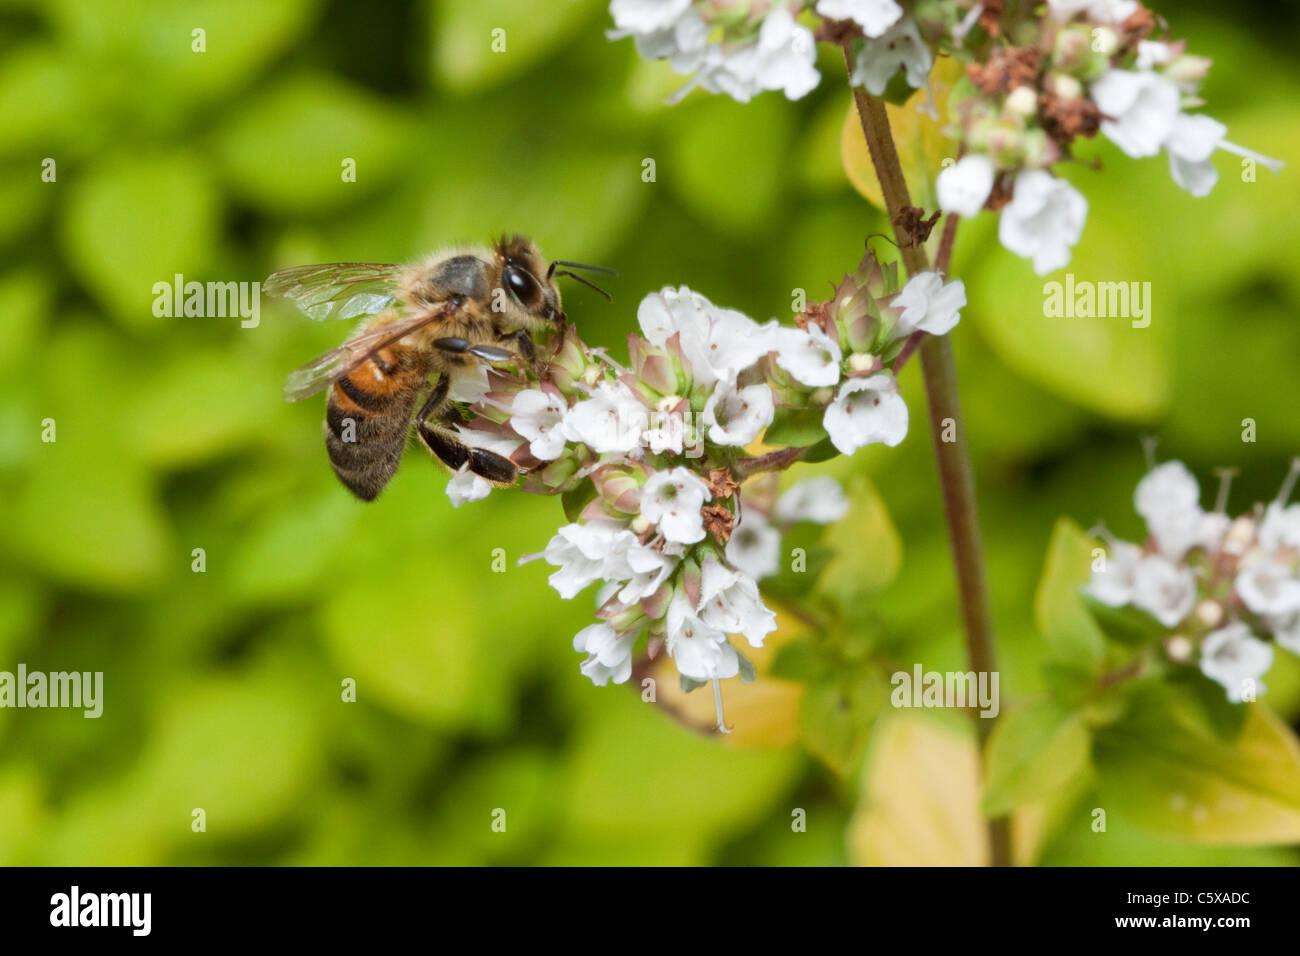 Honey bee on marjoram plant, garden in Kent, England, UK - Stock Image